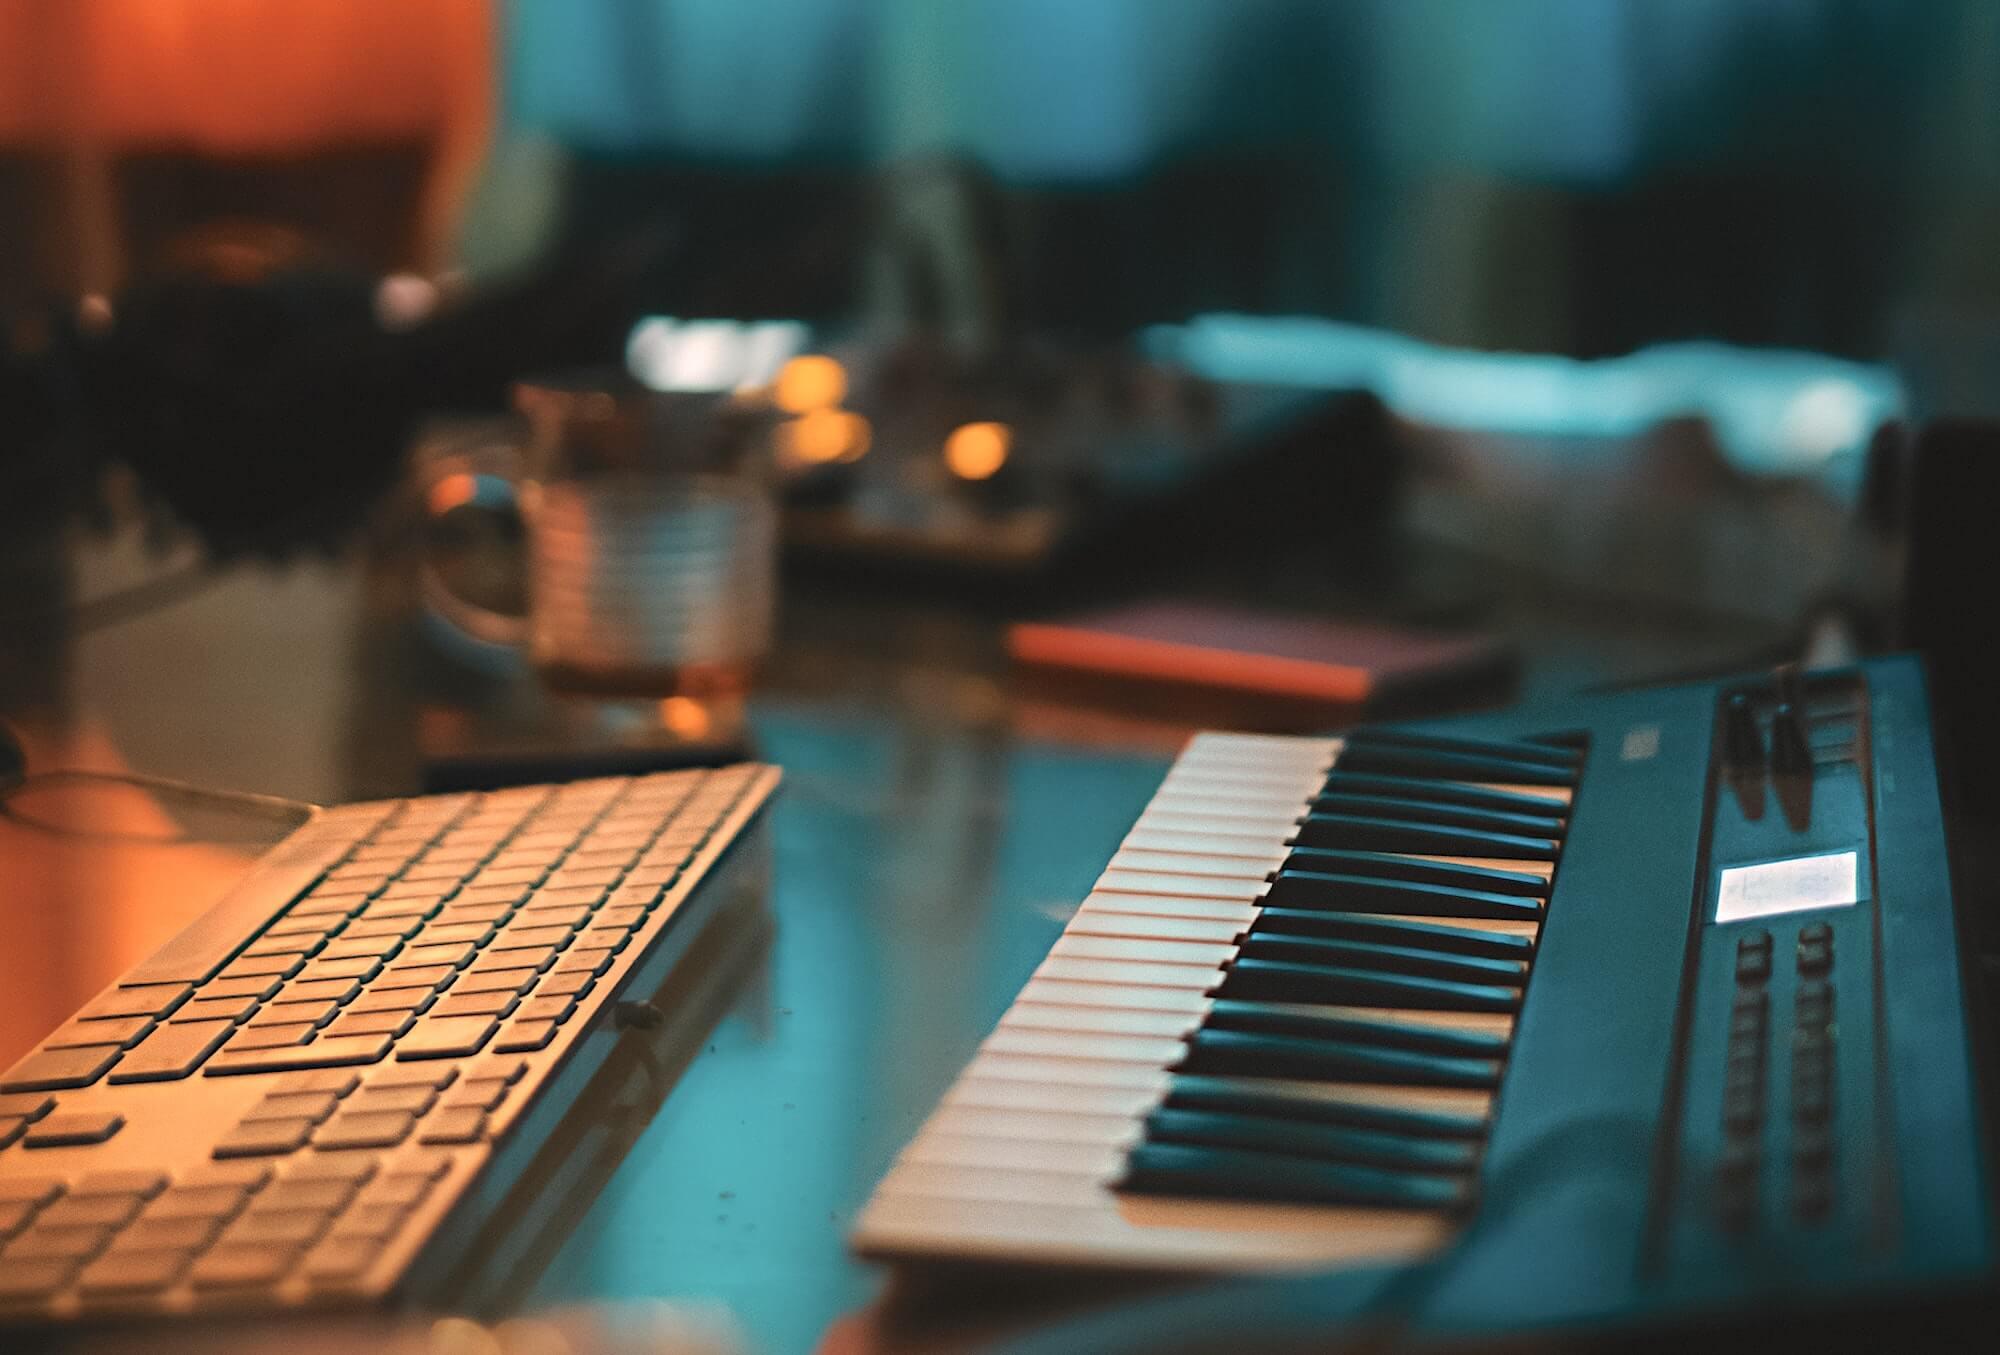 Фотография: Omid Armin. Источник: Unsplash.com